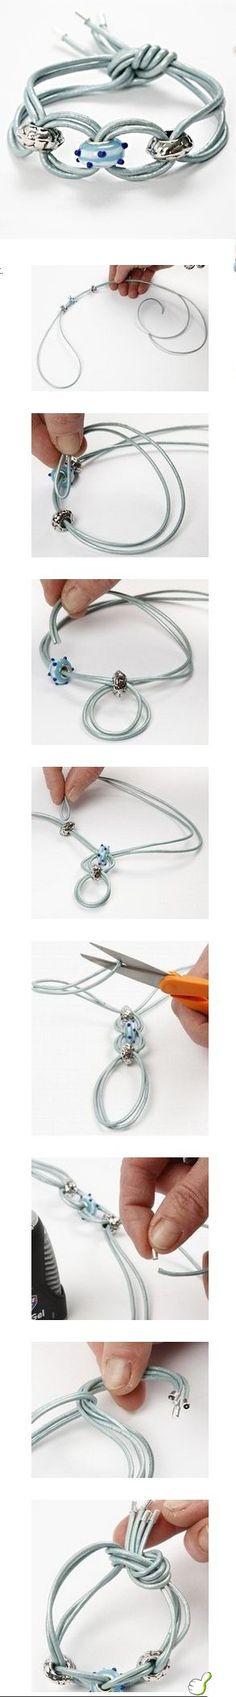 DIY Bracelet diy craft crafts craft ideas easy crafts diy ideas crafty easy diy diy jewelry craft jewelry diy bracelet craft bracelet fashion crafts